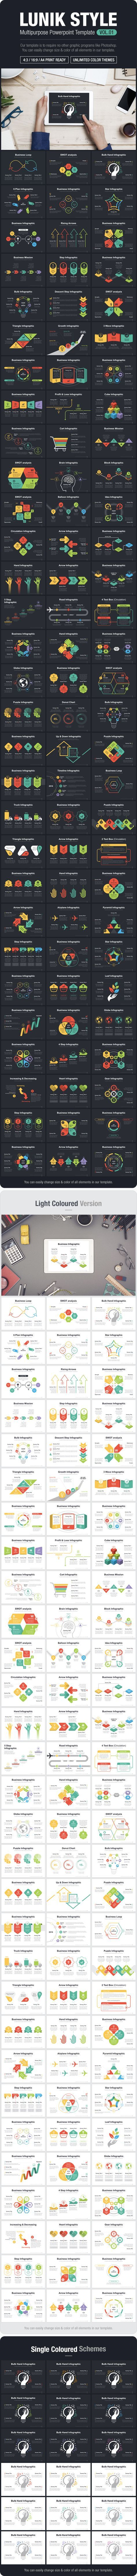 85 besten PPT 템플릿 Bilder auf Pinterest   Präsentationsdesign ...